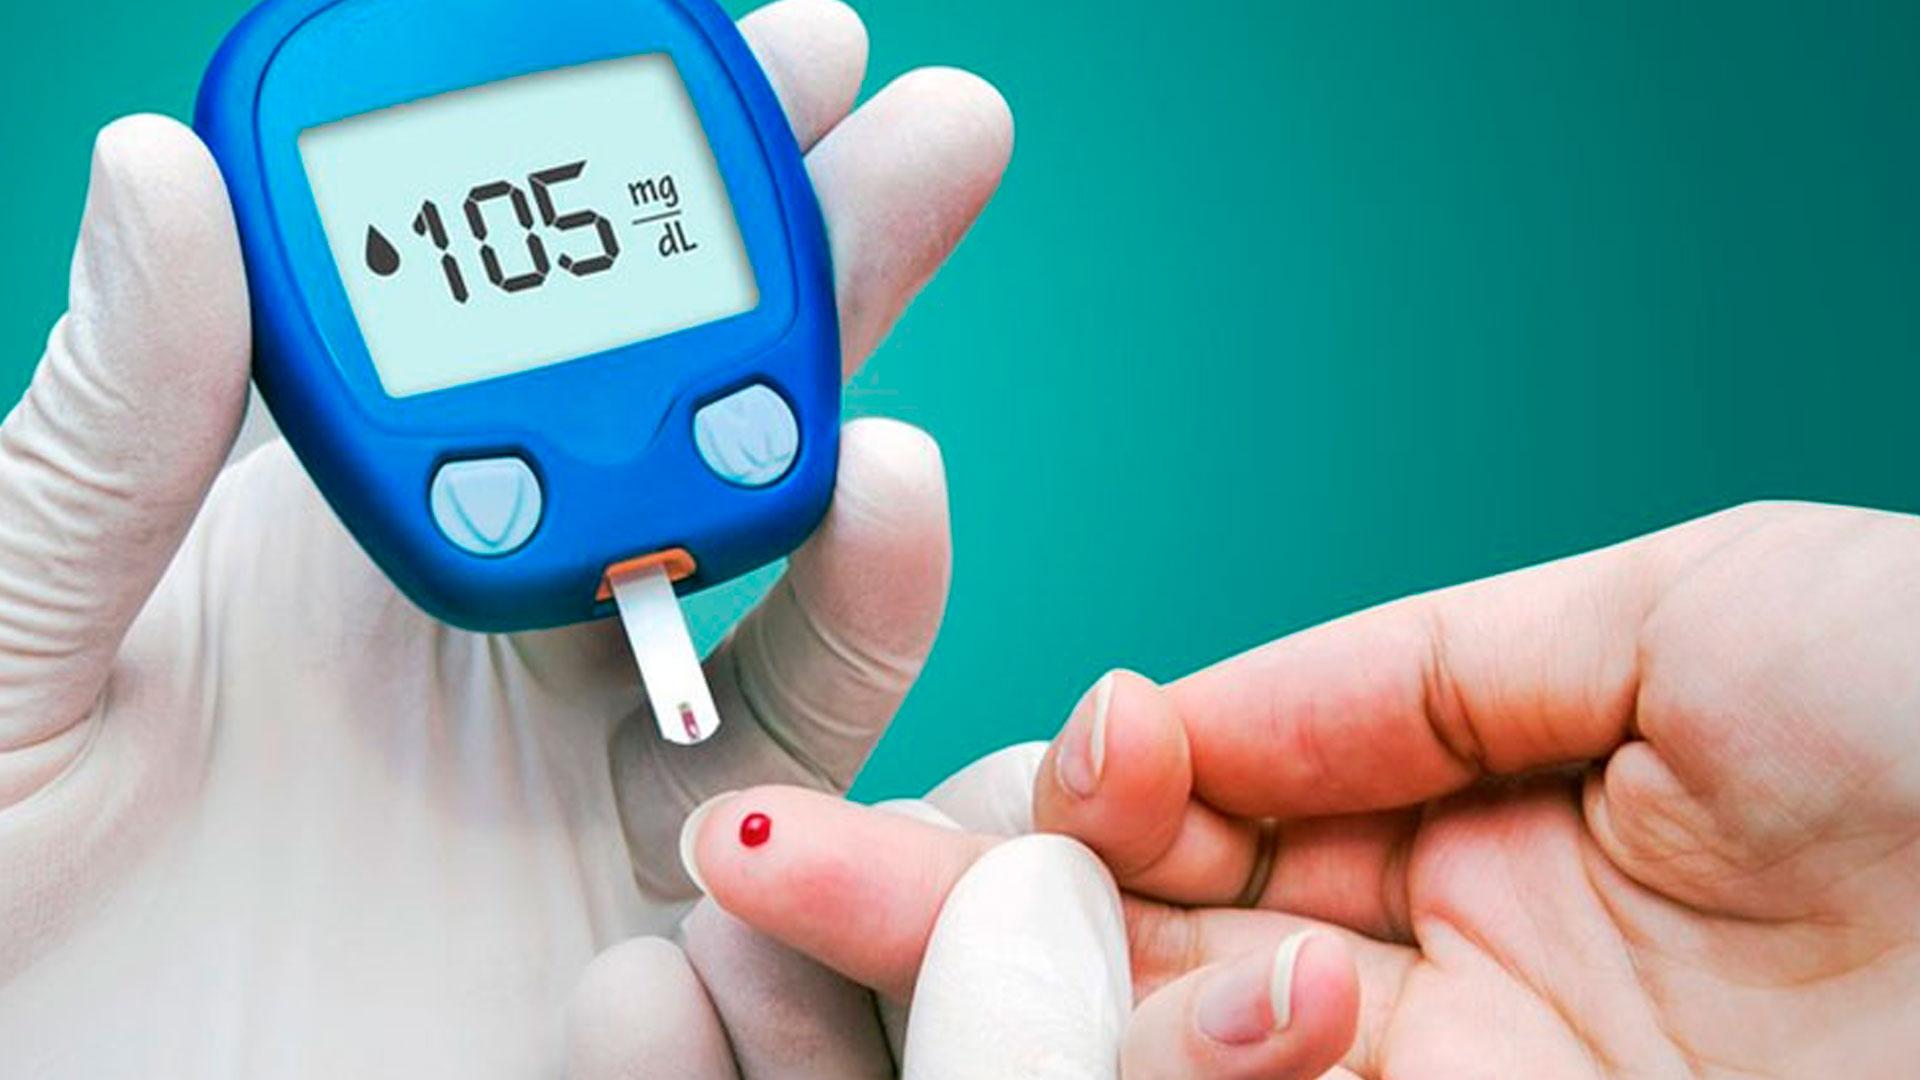 Diabete di tipo 1, il monitoraggio continuo del glucosio in tempo reale fa la differenza. Studio COMISAIR #EASD19